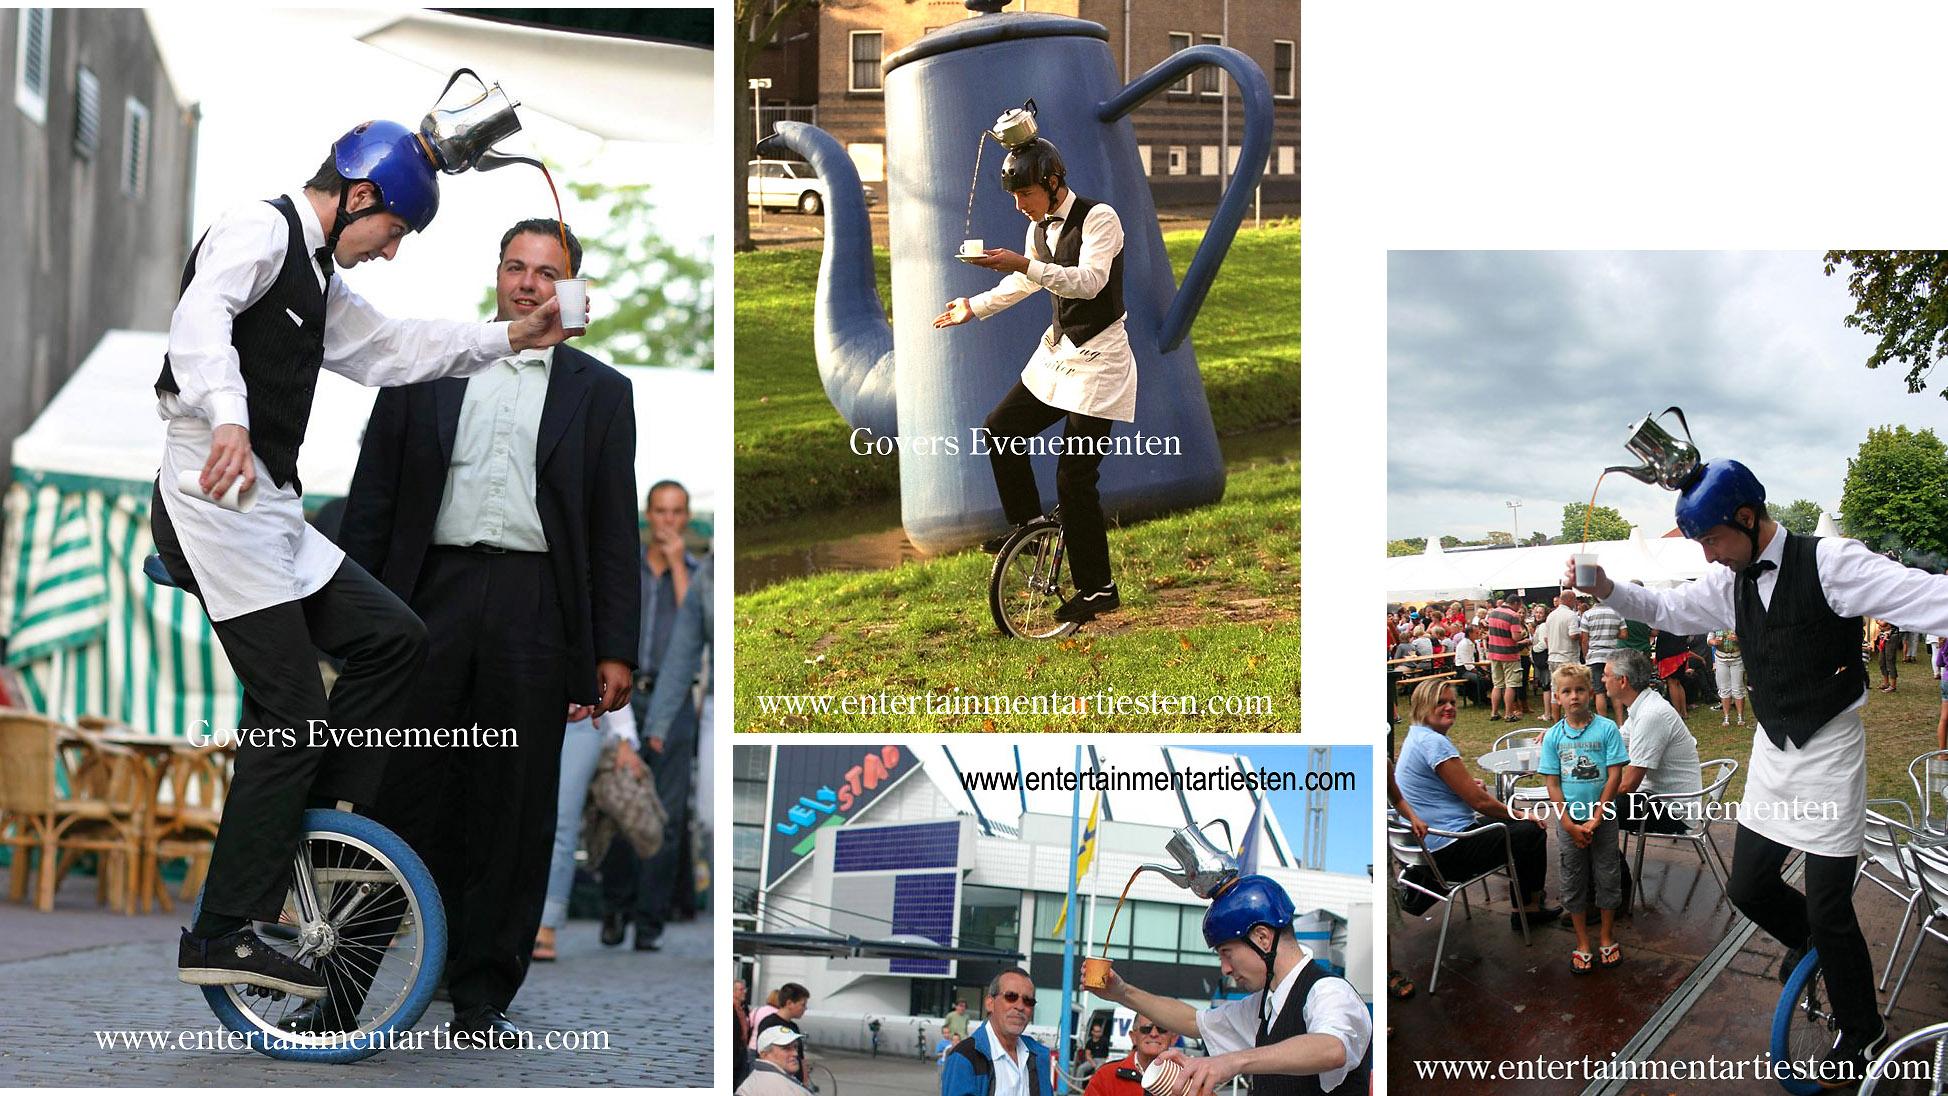 Op zijn éénwieler serveert de ober een kopje koffie, Culinair Entertainment & Cateringacts, horeca acts, horeca artiesten, artiestenbureau, artiesten boeken, themafeest, beurs & promotie acts, Govers Evenementen, www.goversartiesten.nl